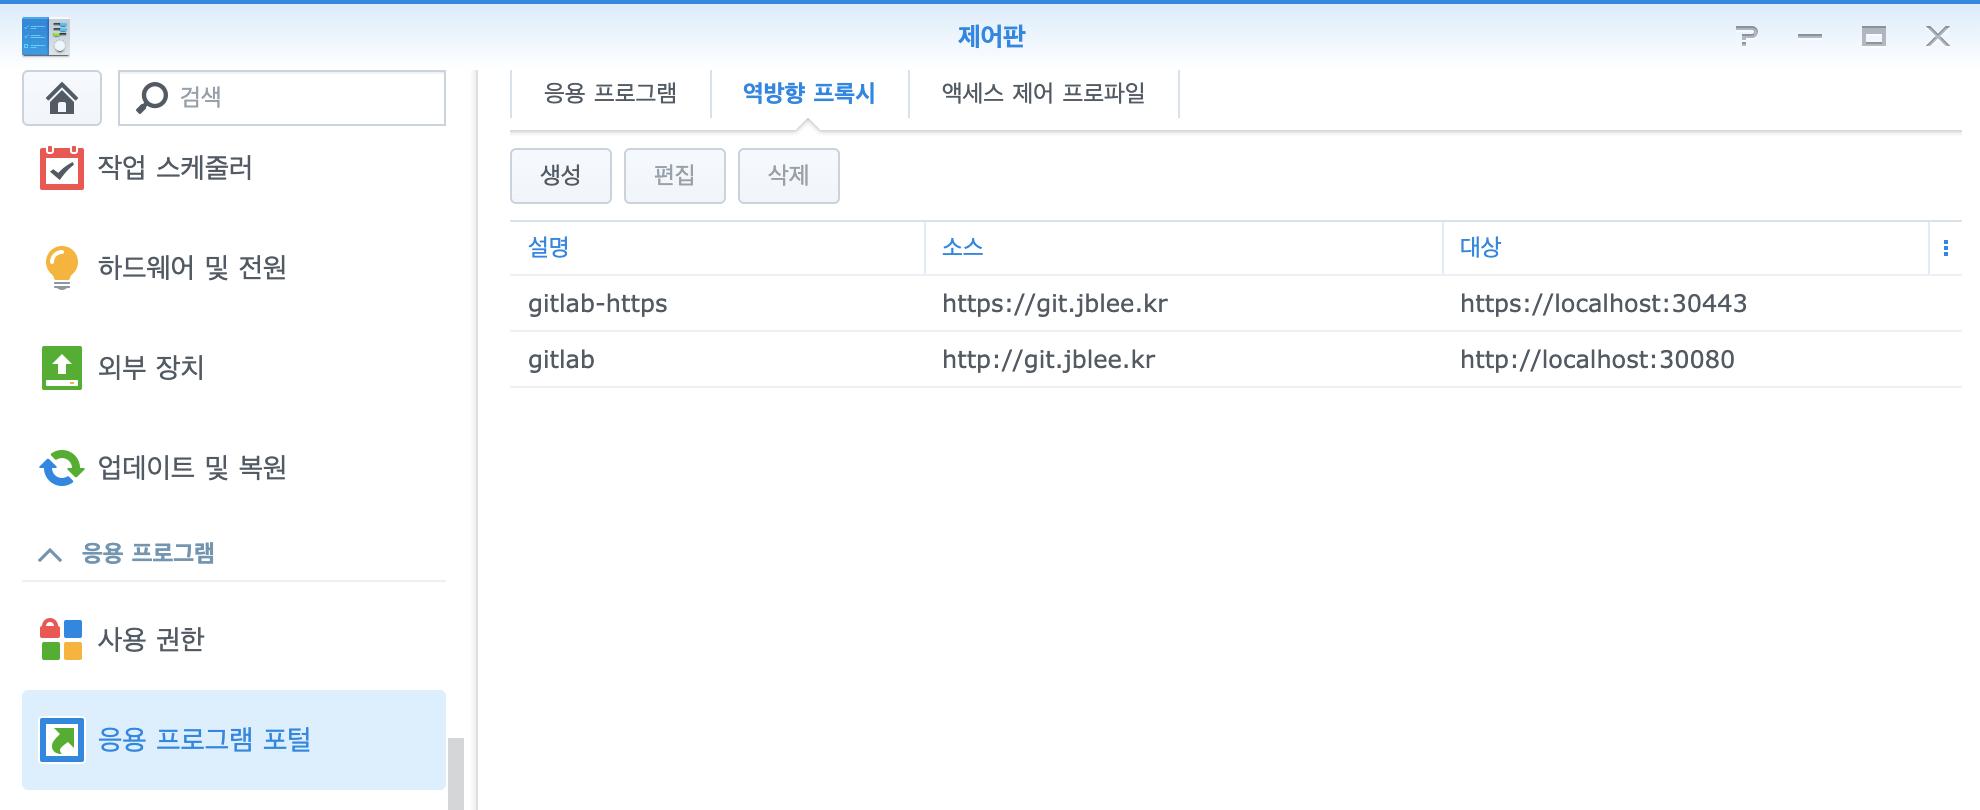 시놀로지 Reverse Proxy 메뉴